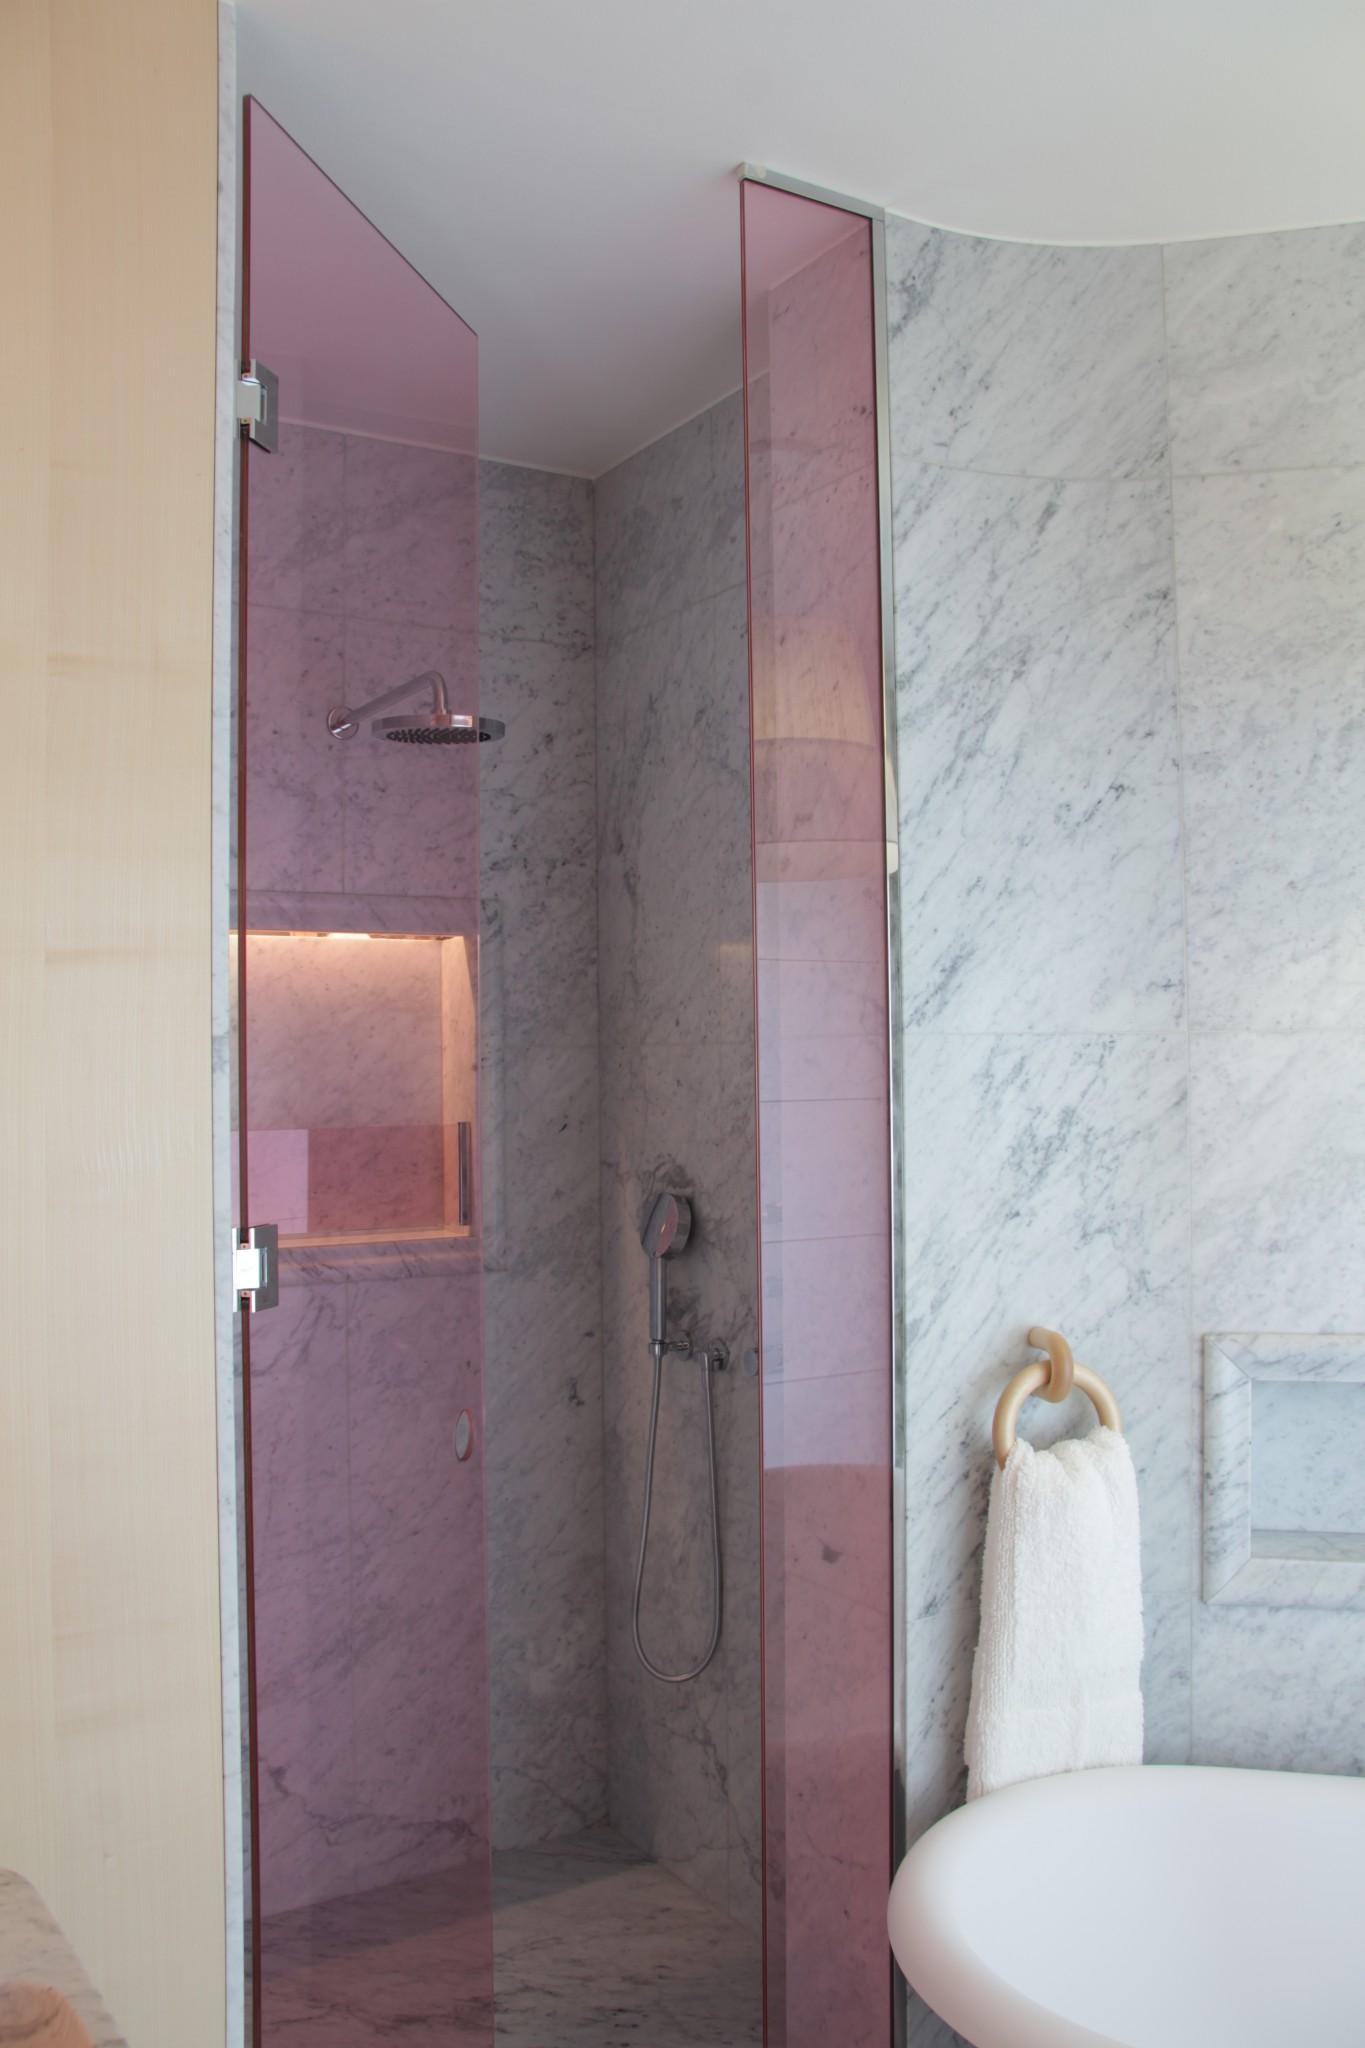 Bagno in marmo con speciali colorazioni calde (Marmi Valmalenco)